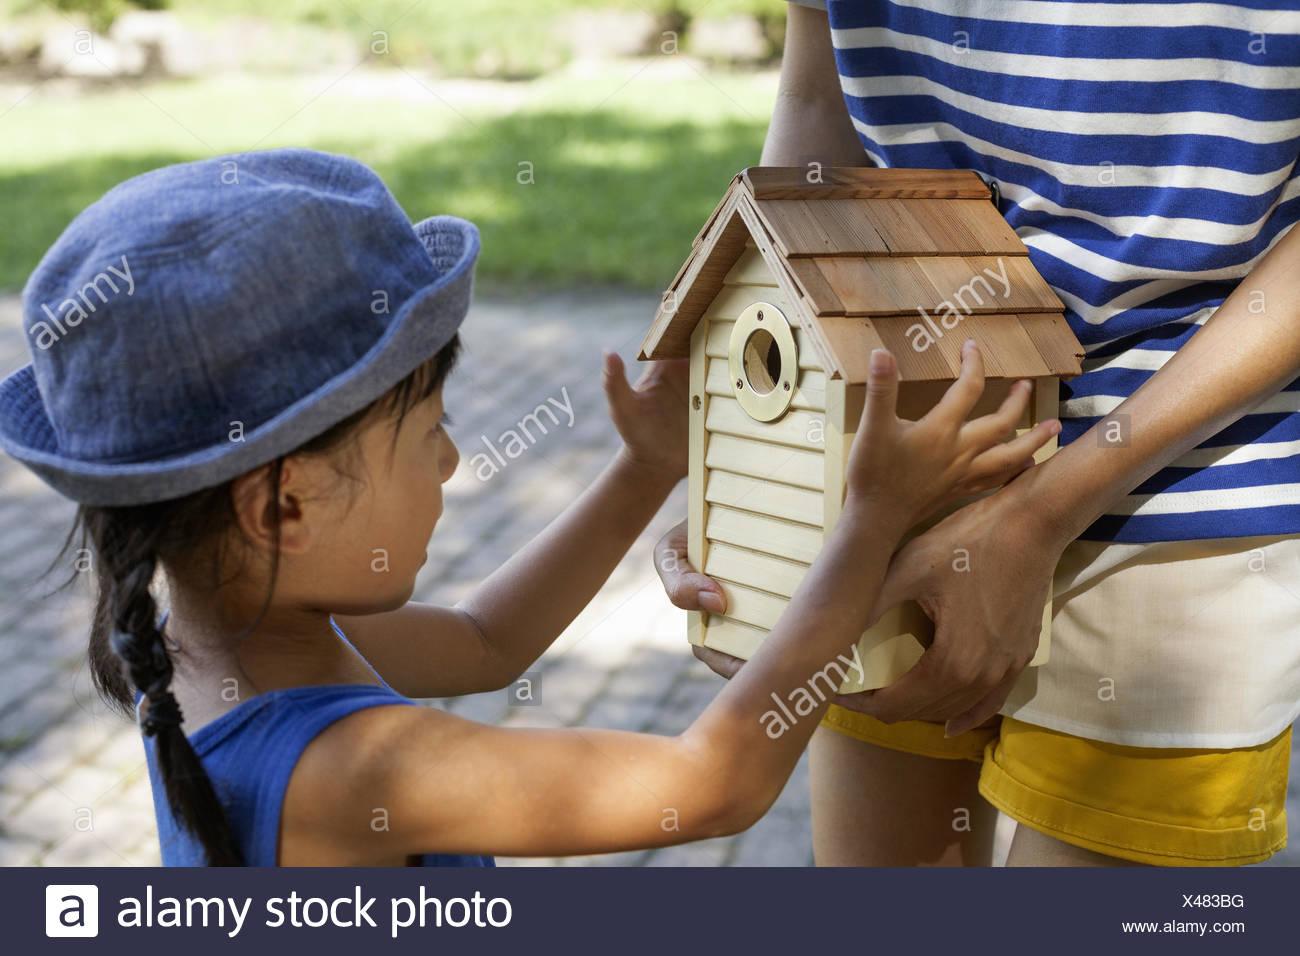 Junges Mädchen einen Hut Sommer Kleid und Sonne, hält ein Vogelhaus. Stockfoto